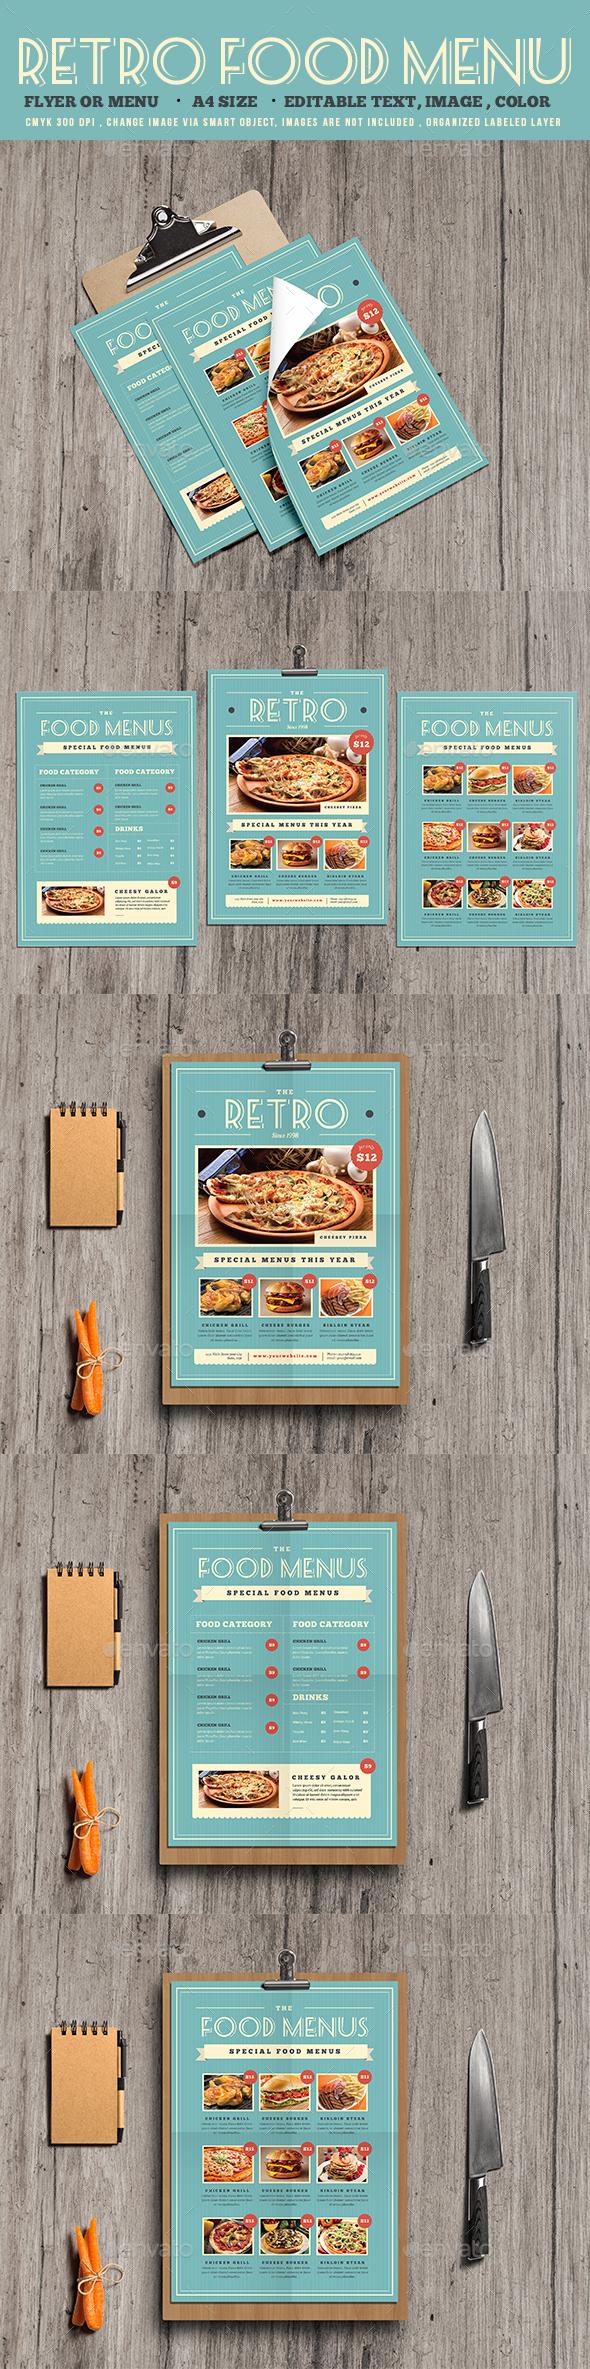 Retro Food Menu Flyer